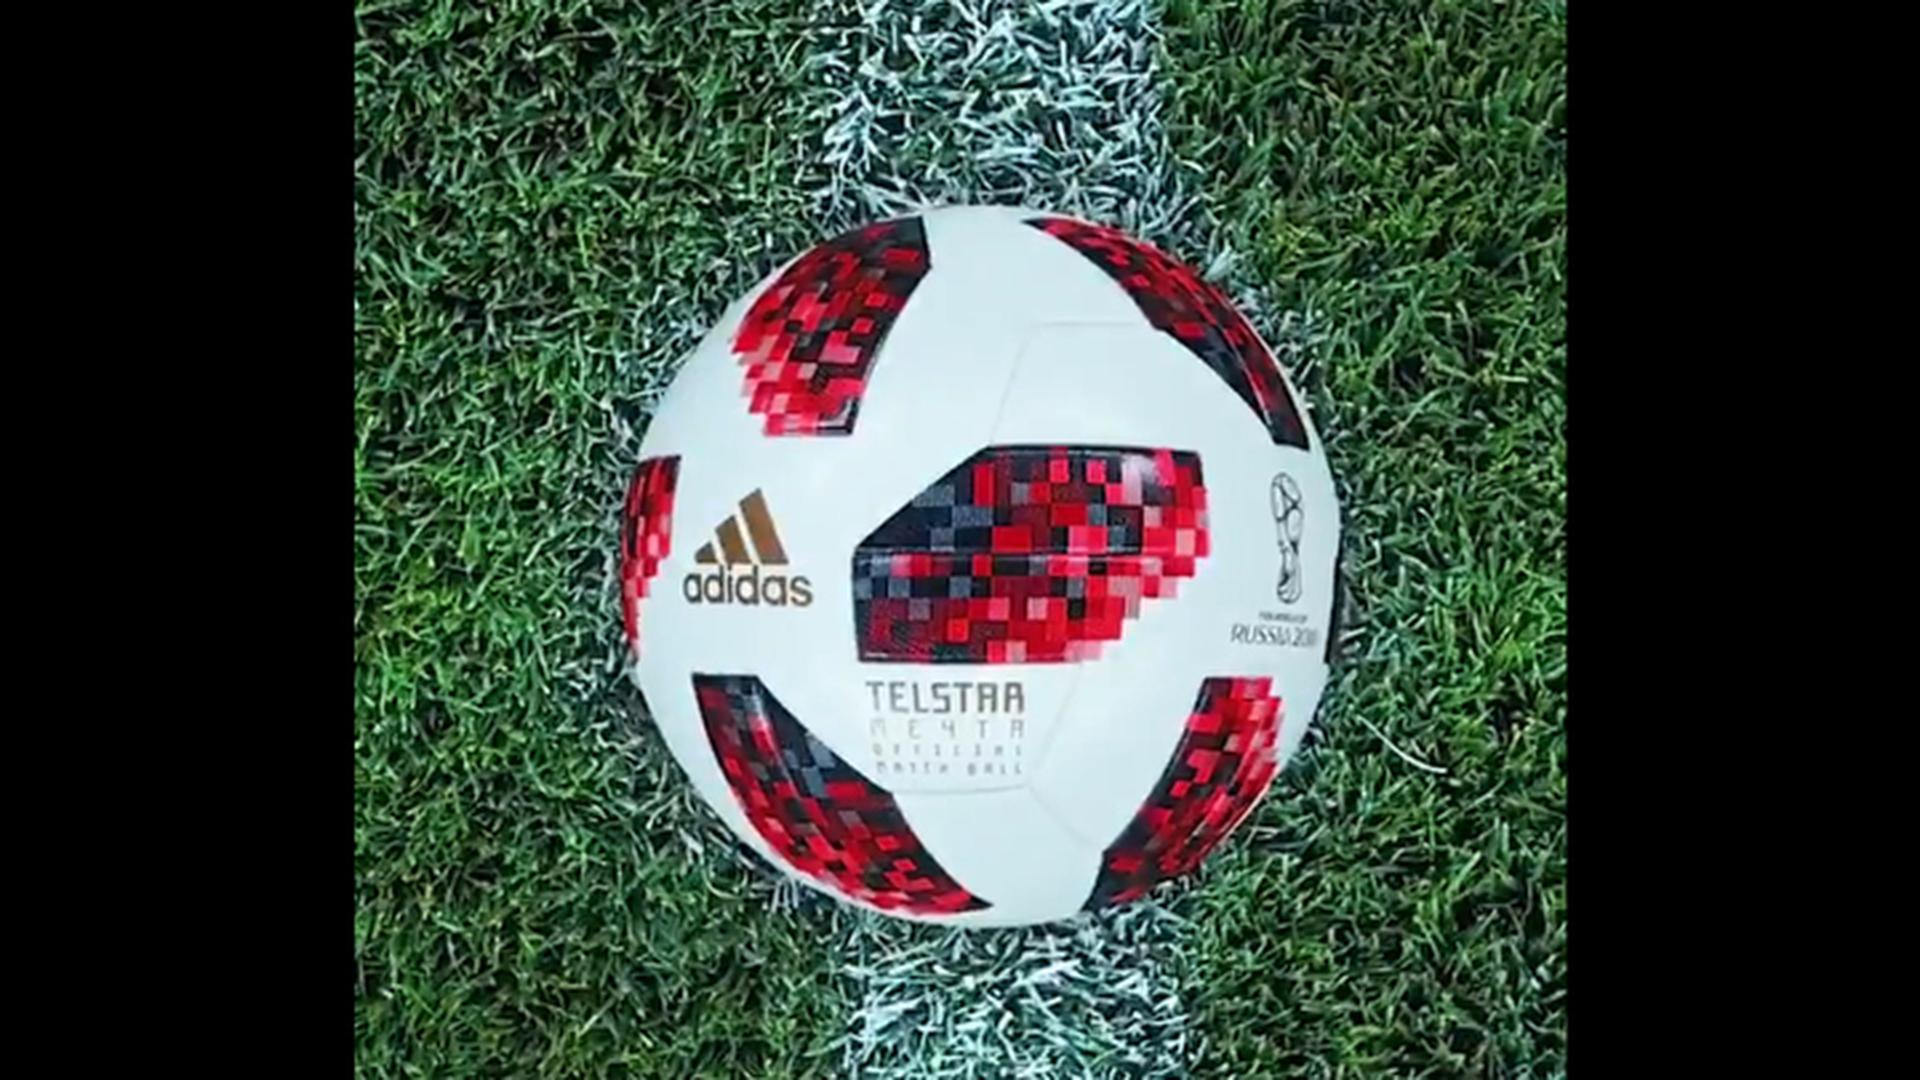 ФИФА представила официальный мяч чемпионата мира для игр плей-офф